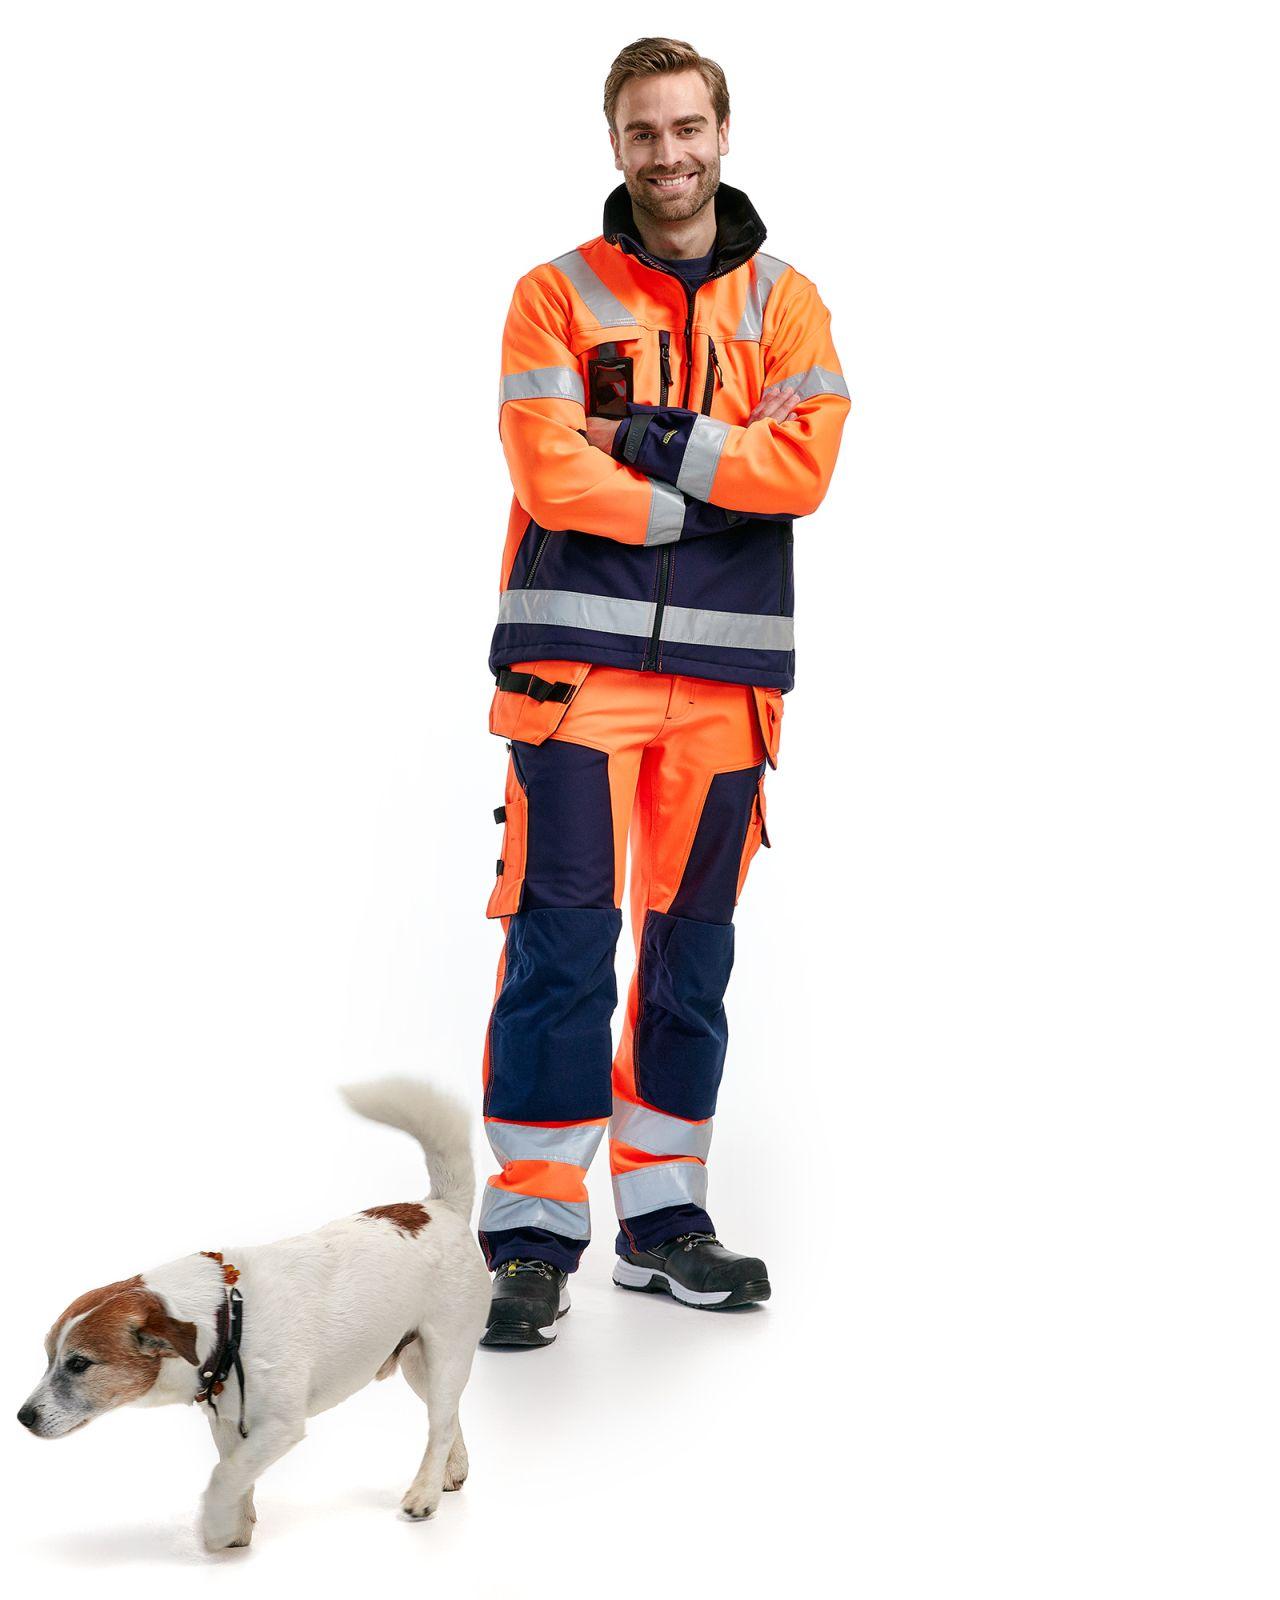 Blaklader Softshell werkbroeken 15672517 High Vis oranje-marineblauw(5389)